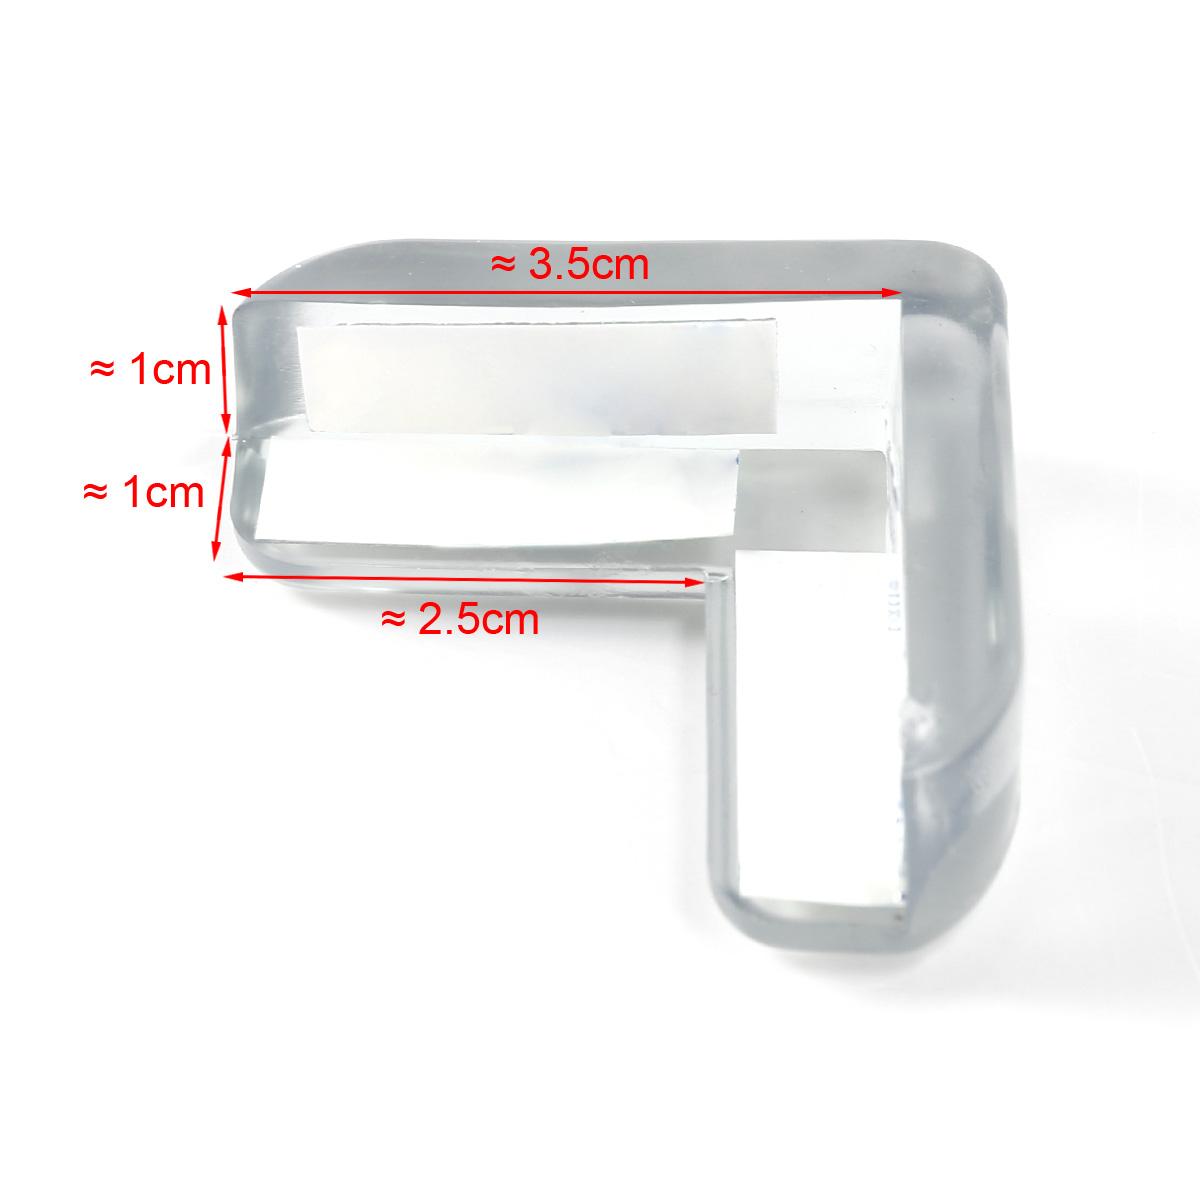 4tlg silikon eckenschutz kantenschutz tischkantenschutz baby sicherheit kanten ebay. Black Bedroom Furniture Sets. Home Design Ideas